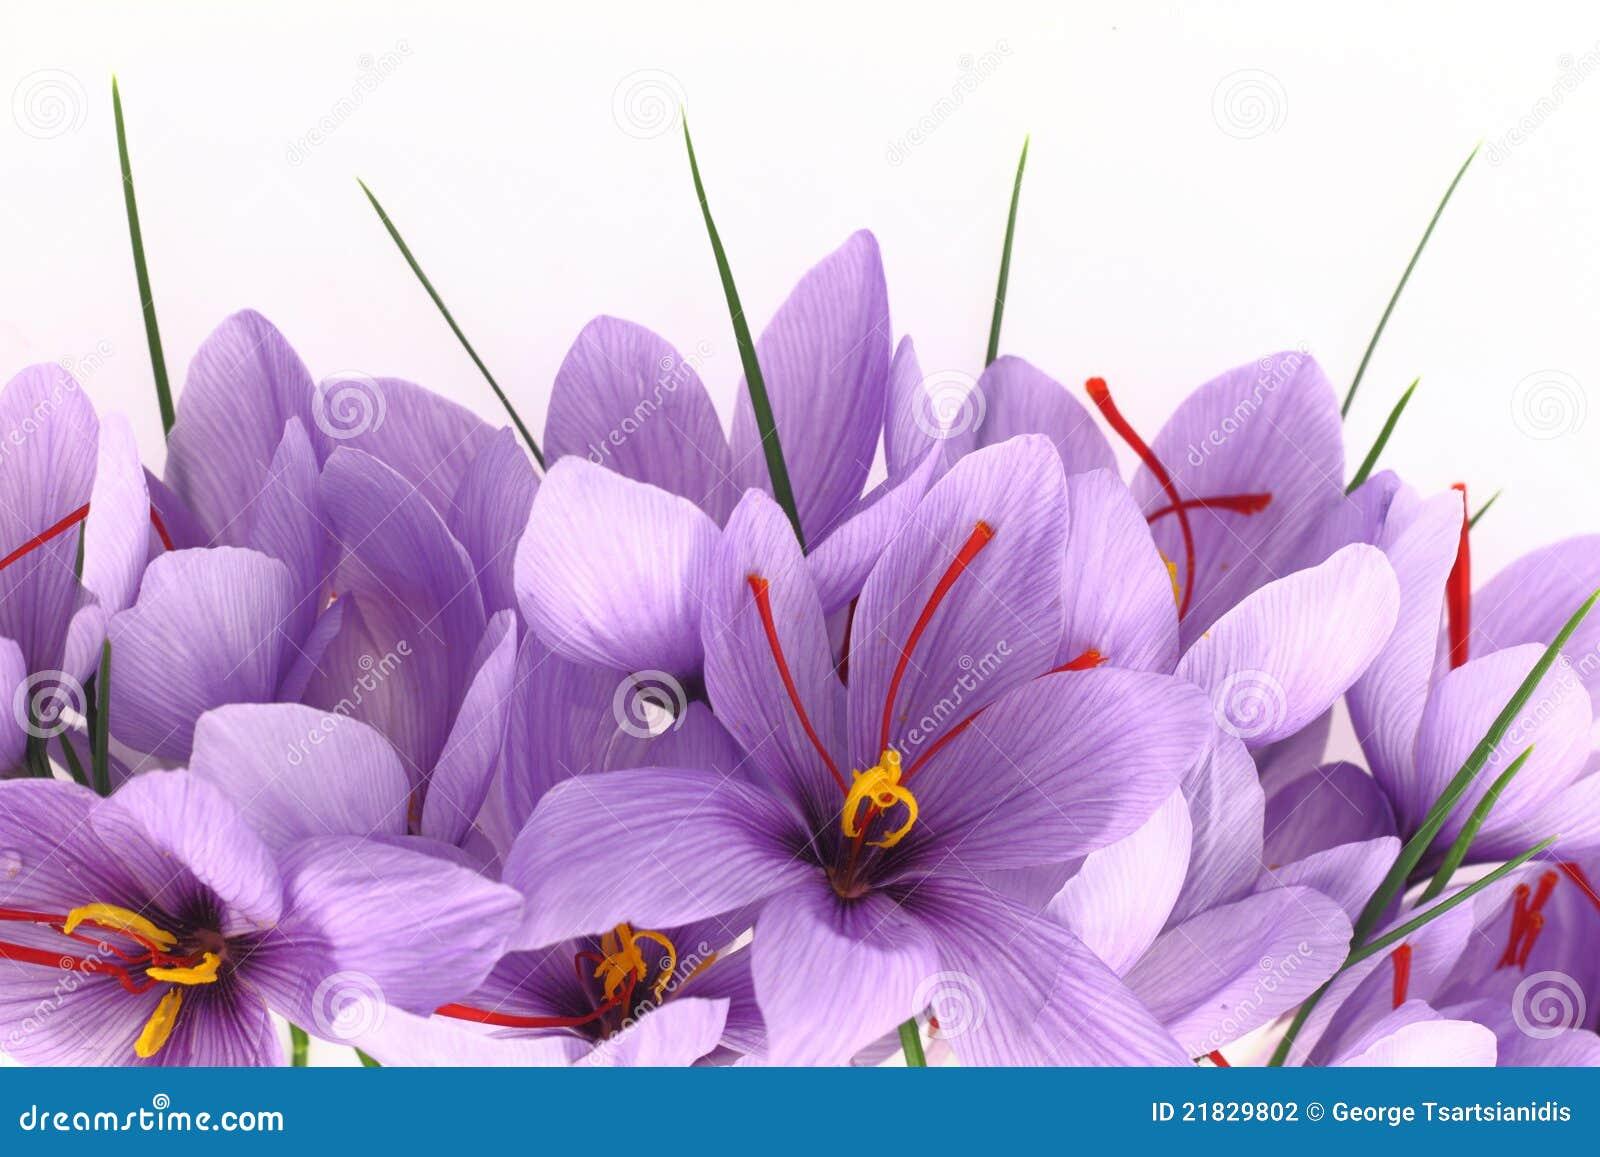 De bloemen van de saffraan